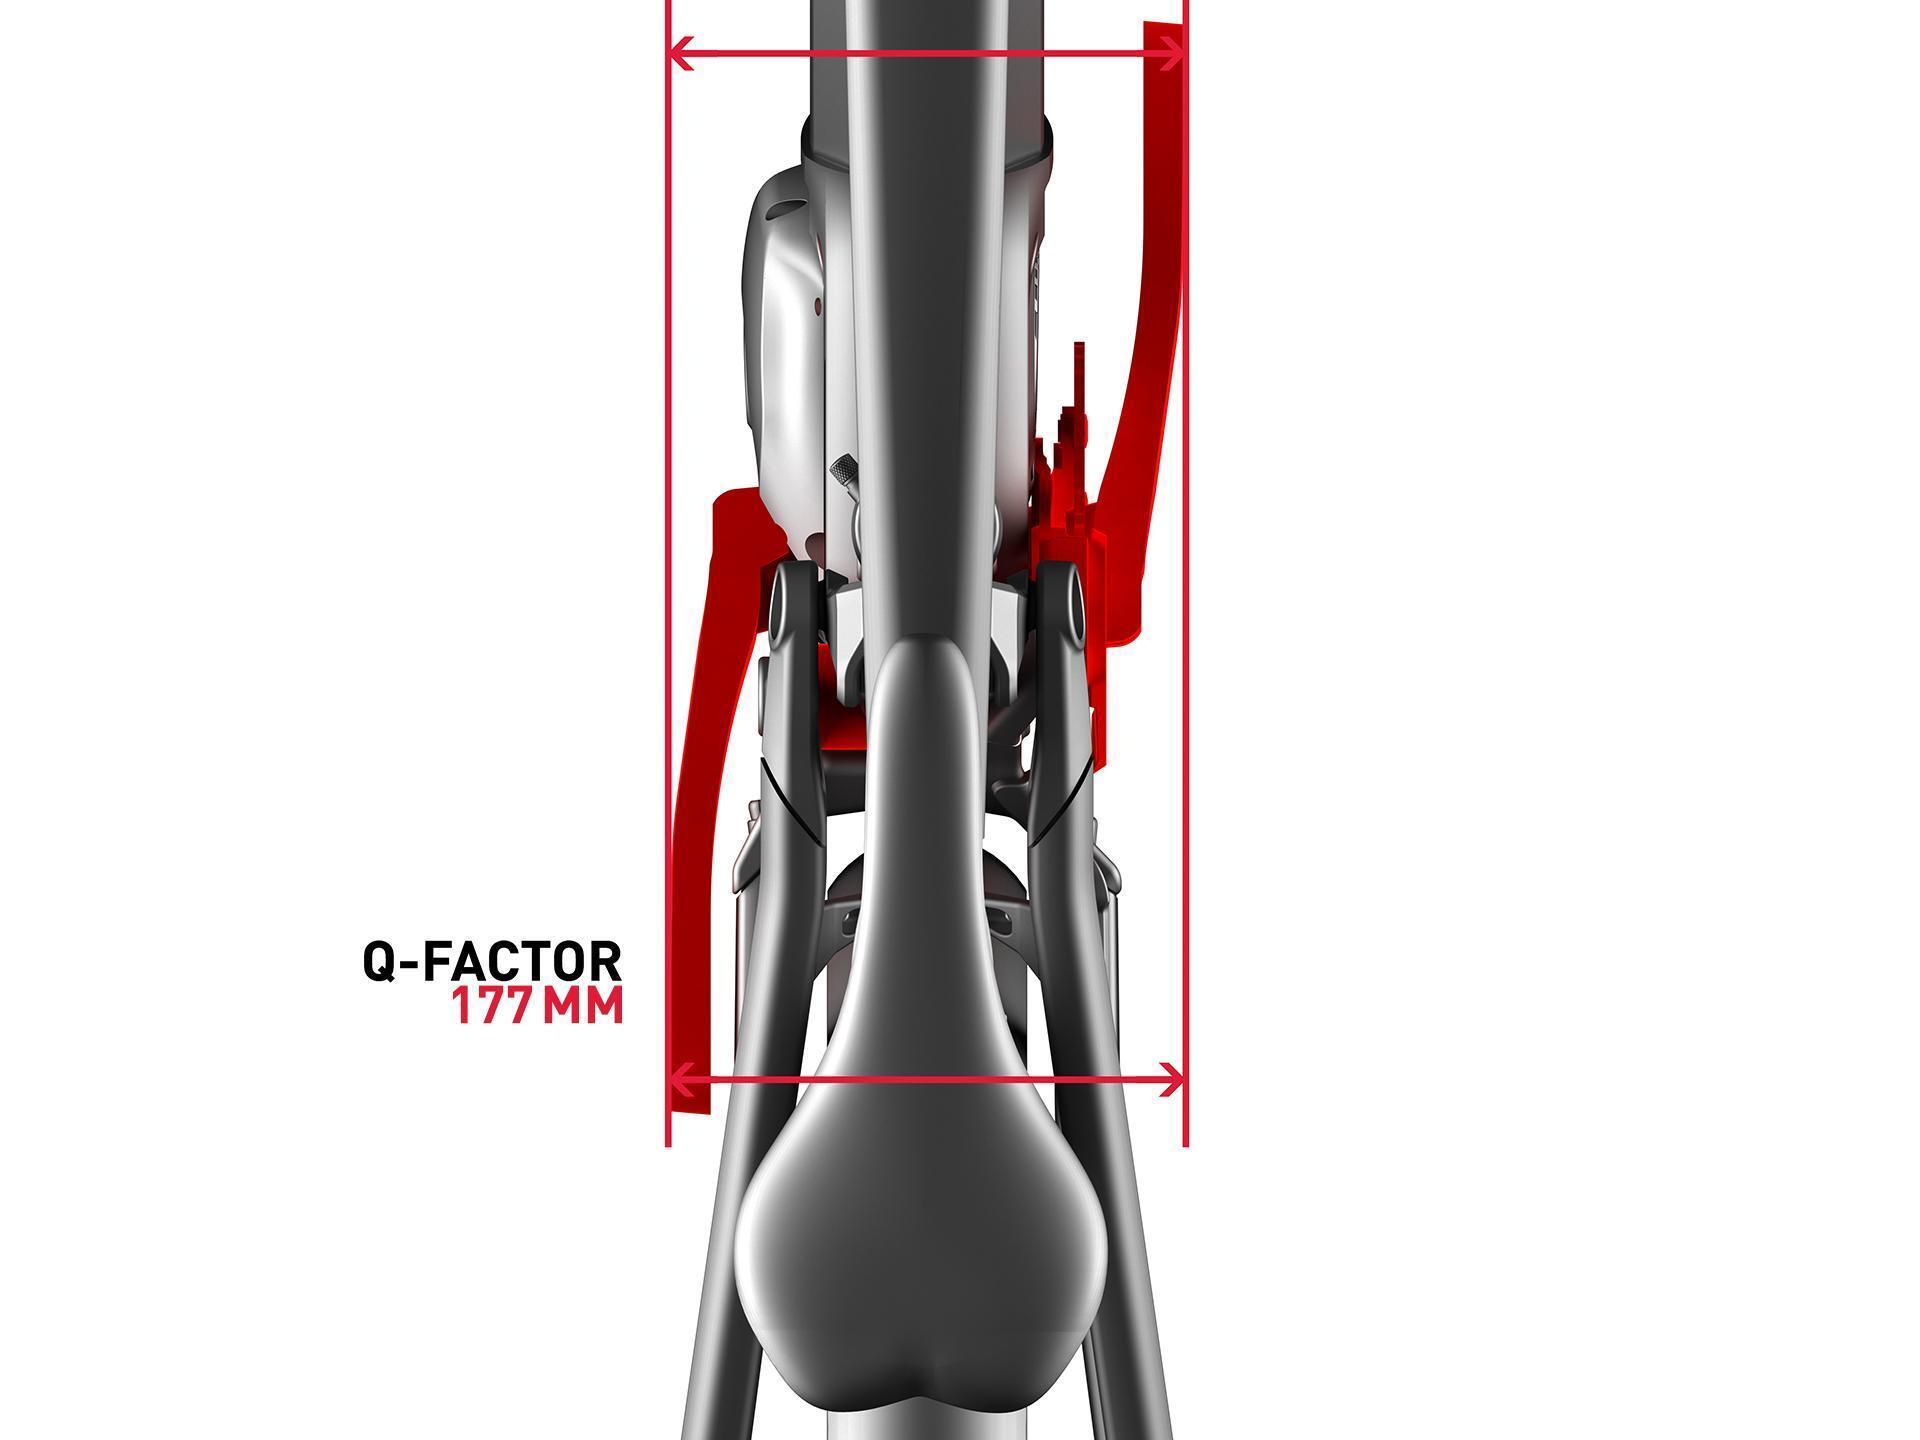 Q-Faktor